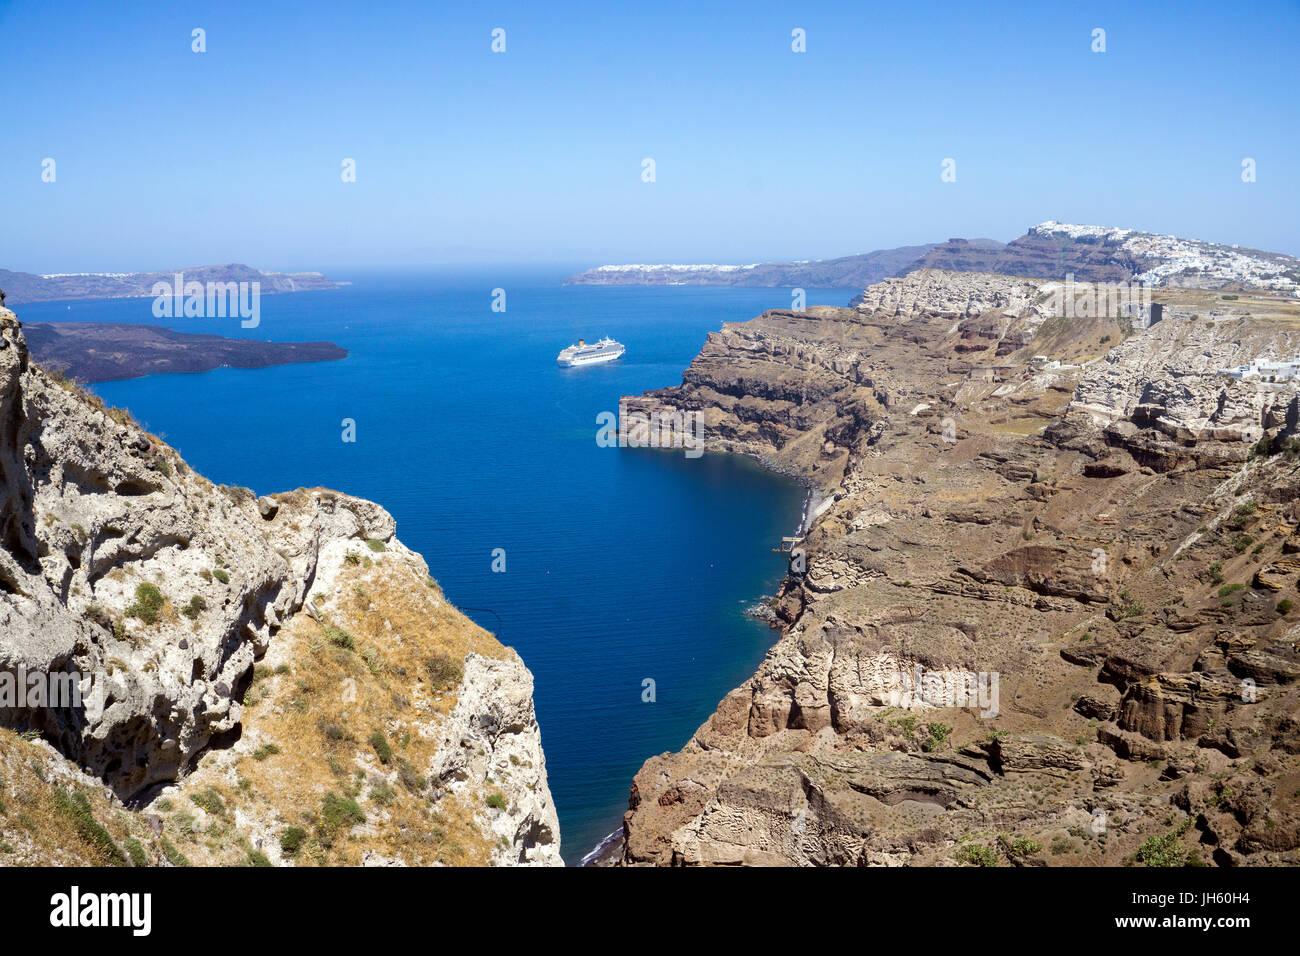 Blick oberhalb vom Faehrhafen Athinios auf die Caldera, Santorin, Kykladen, Aegaeis, Griechenland, Mittelmeer, Europa - Stock Image